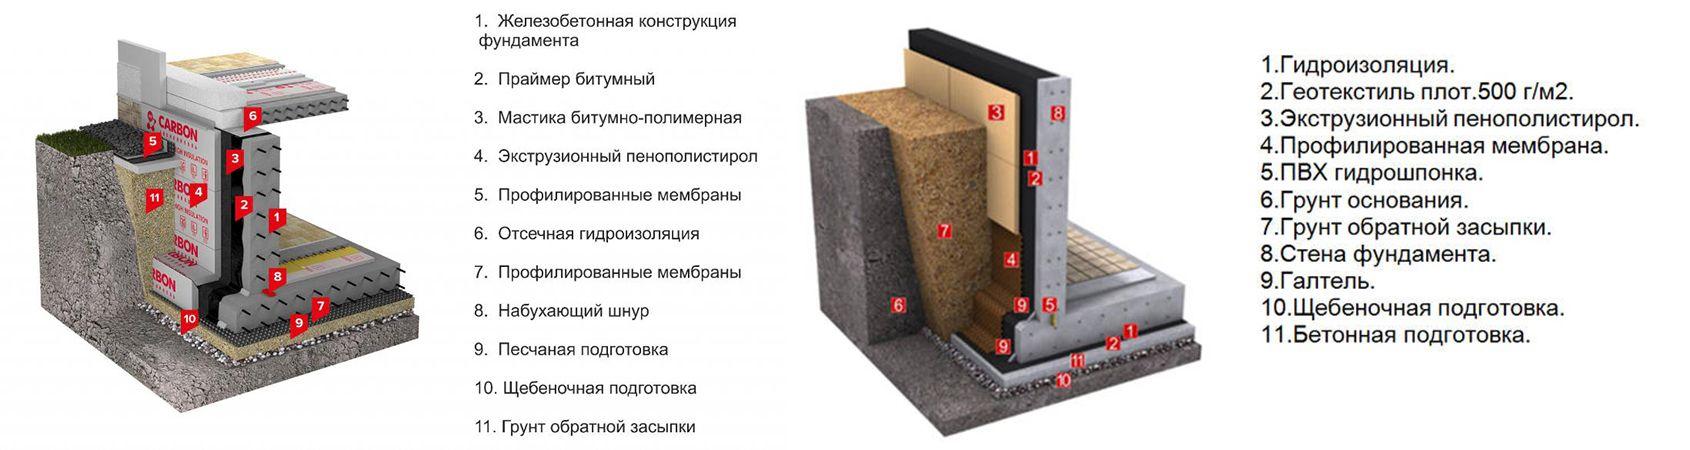 Особенности битумных мастик «технониколь»